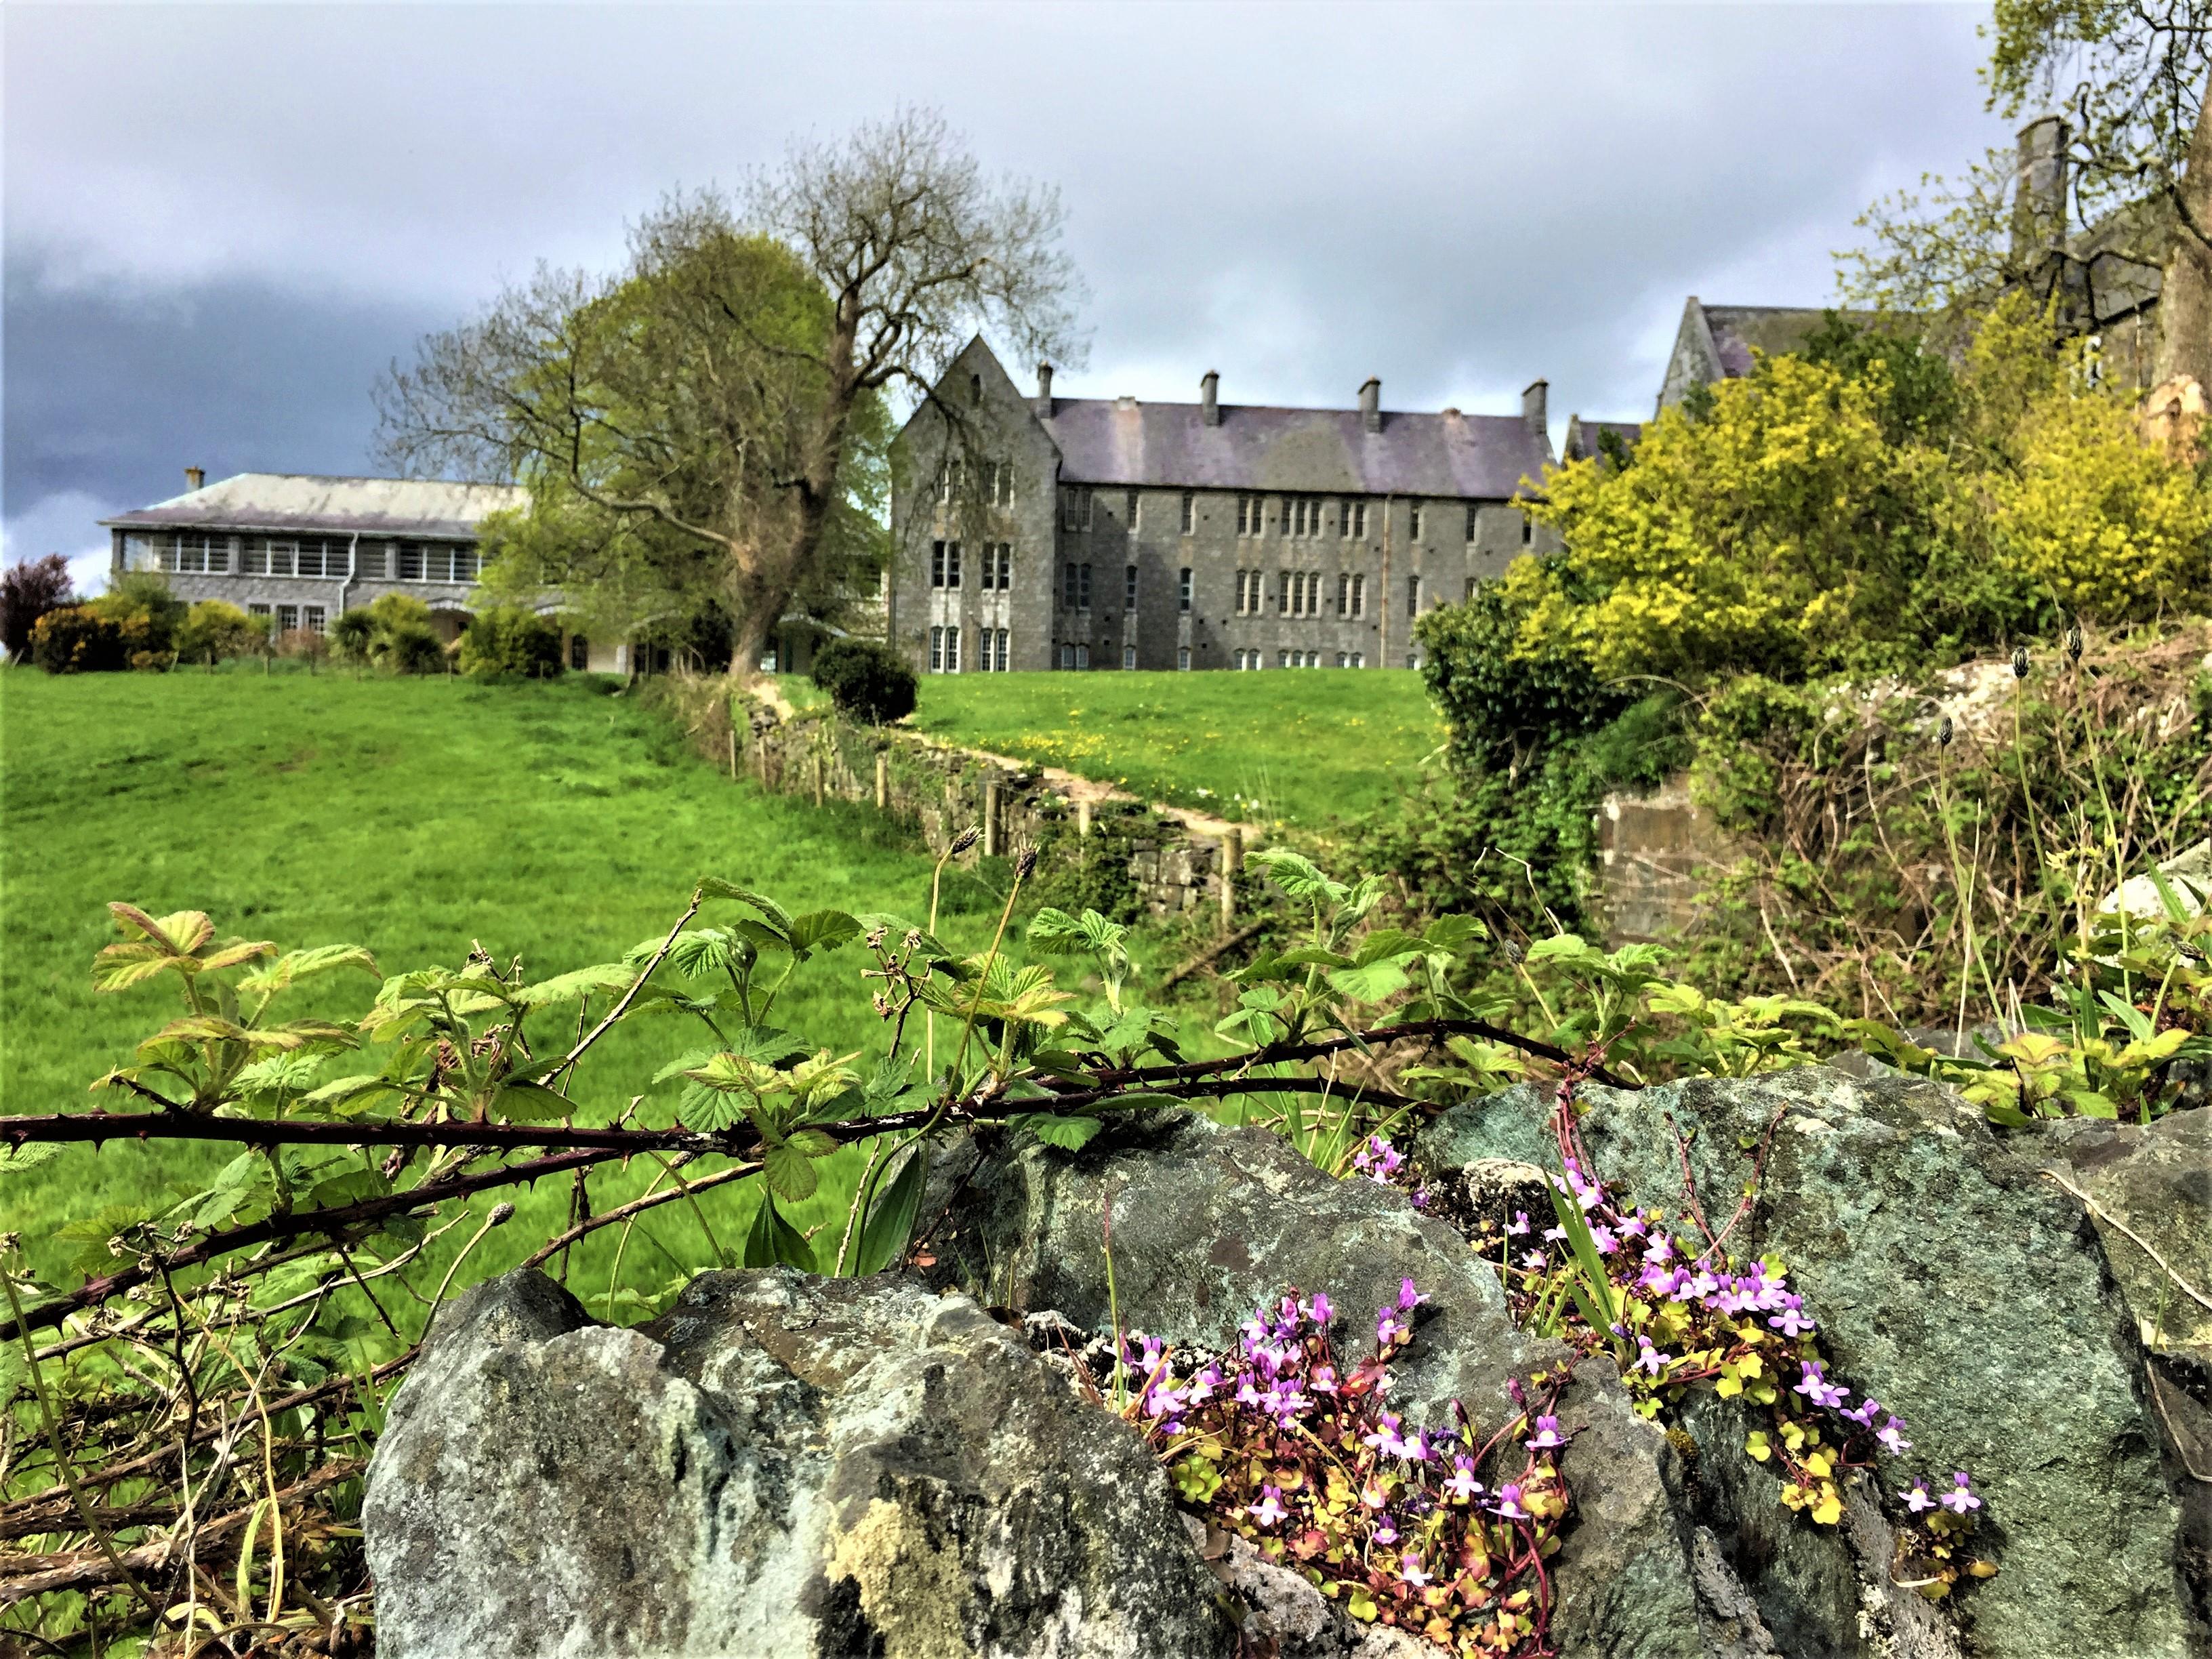 The Beginning of Spring, St Finan's Hospital, Killarney